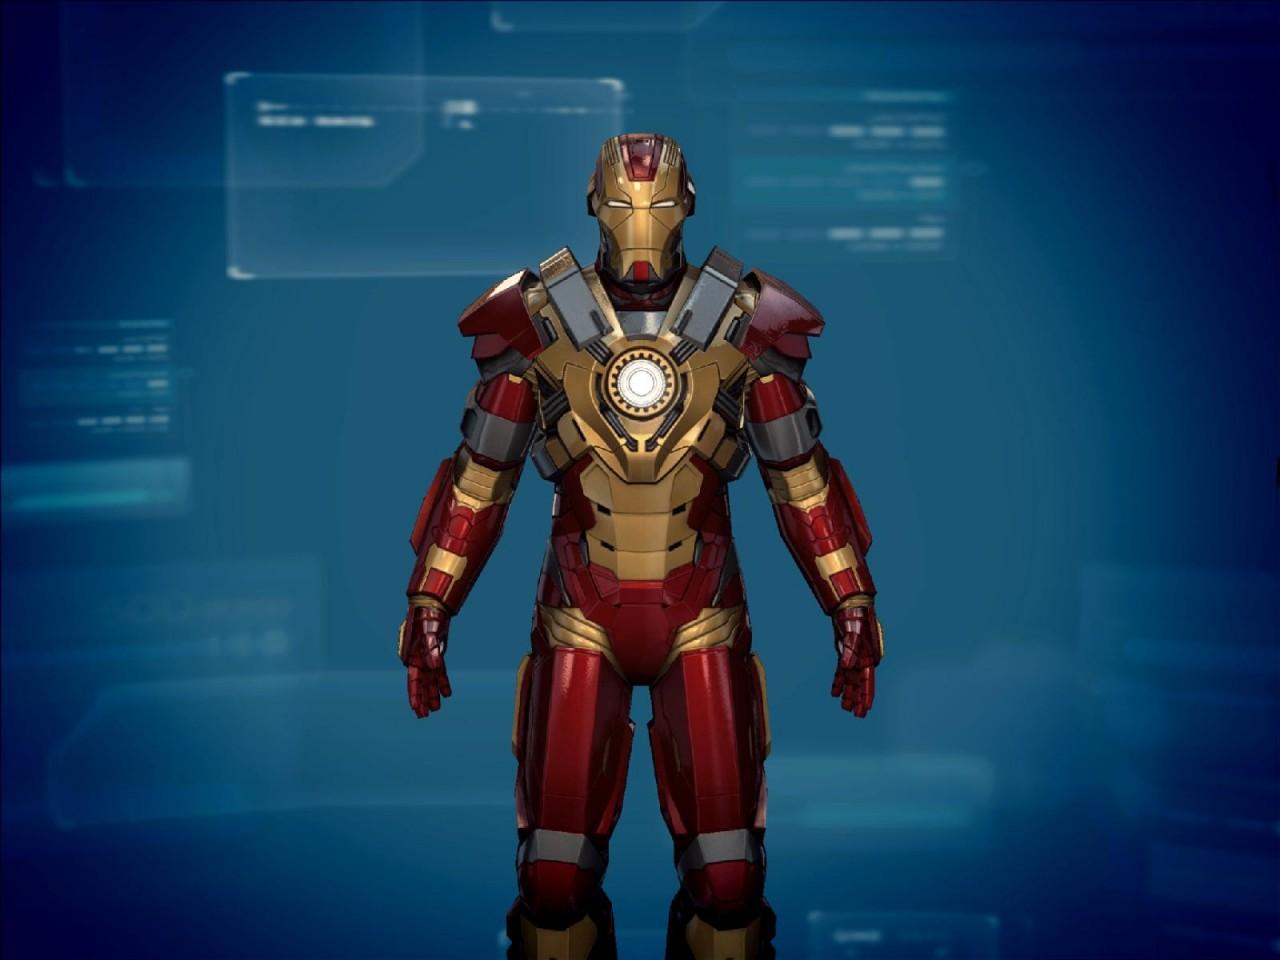 Les armures toutes les armures d 39 iron man - Iron man 3 jeux gratuit ...